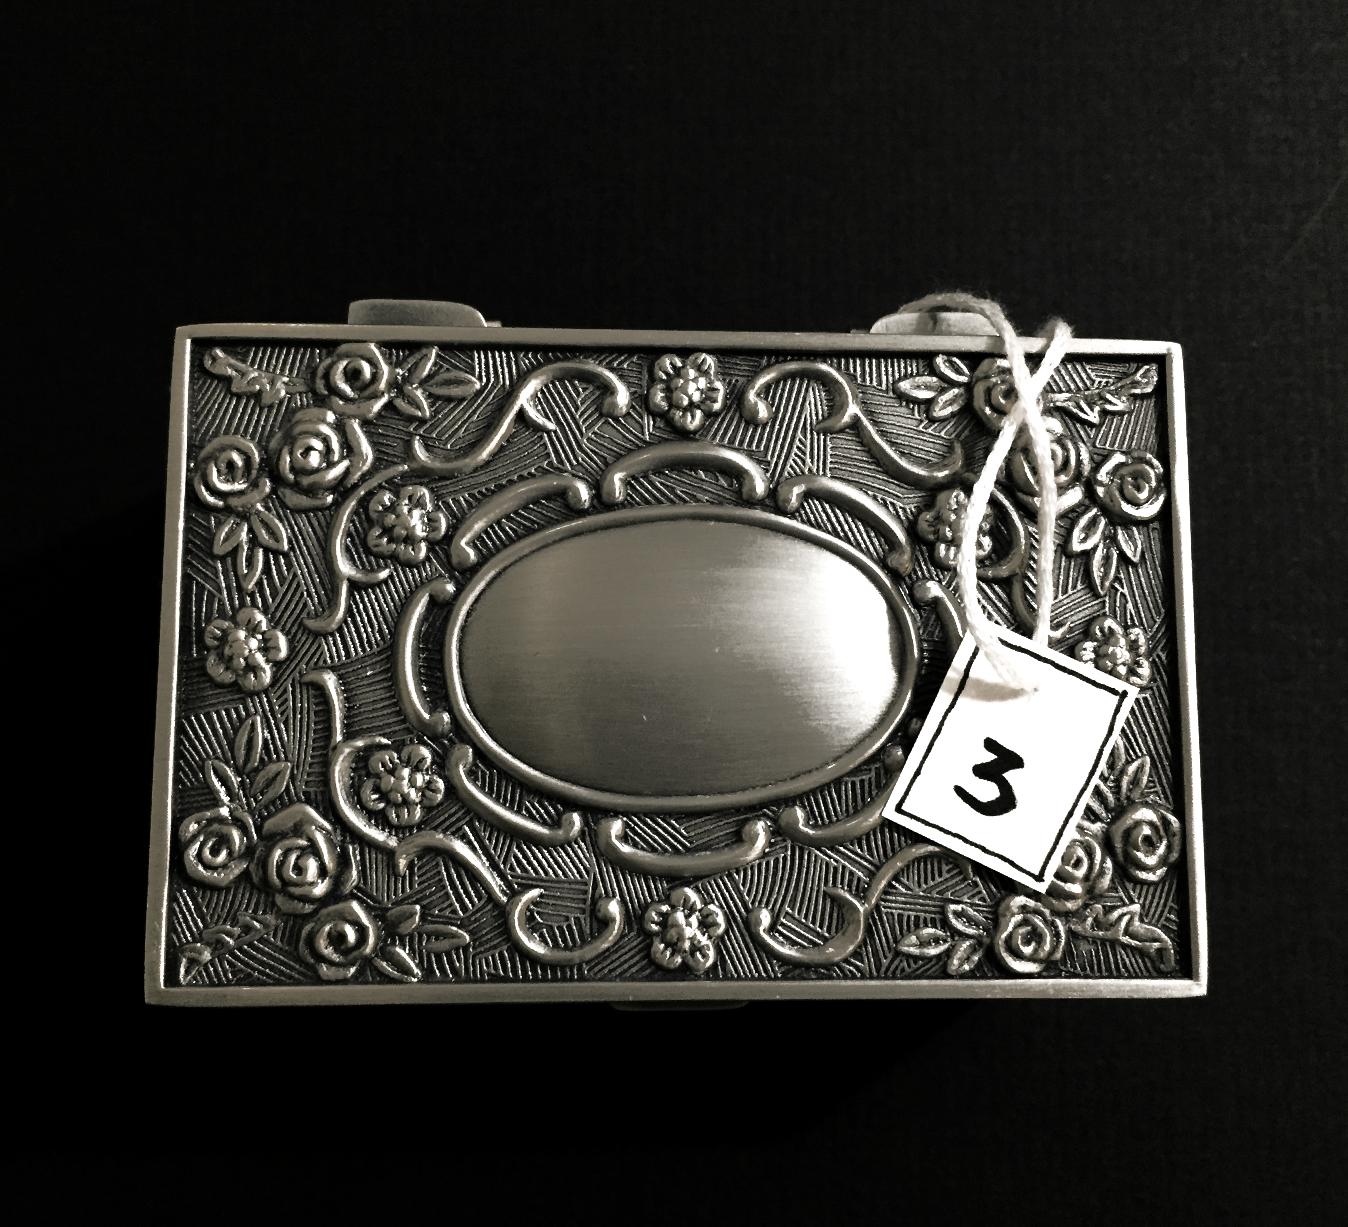 Activity 3: Aroma Box